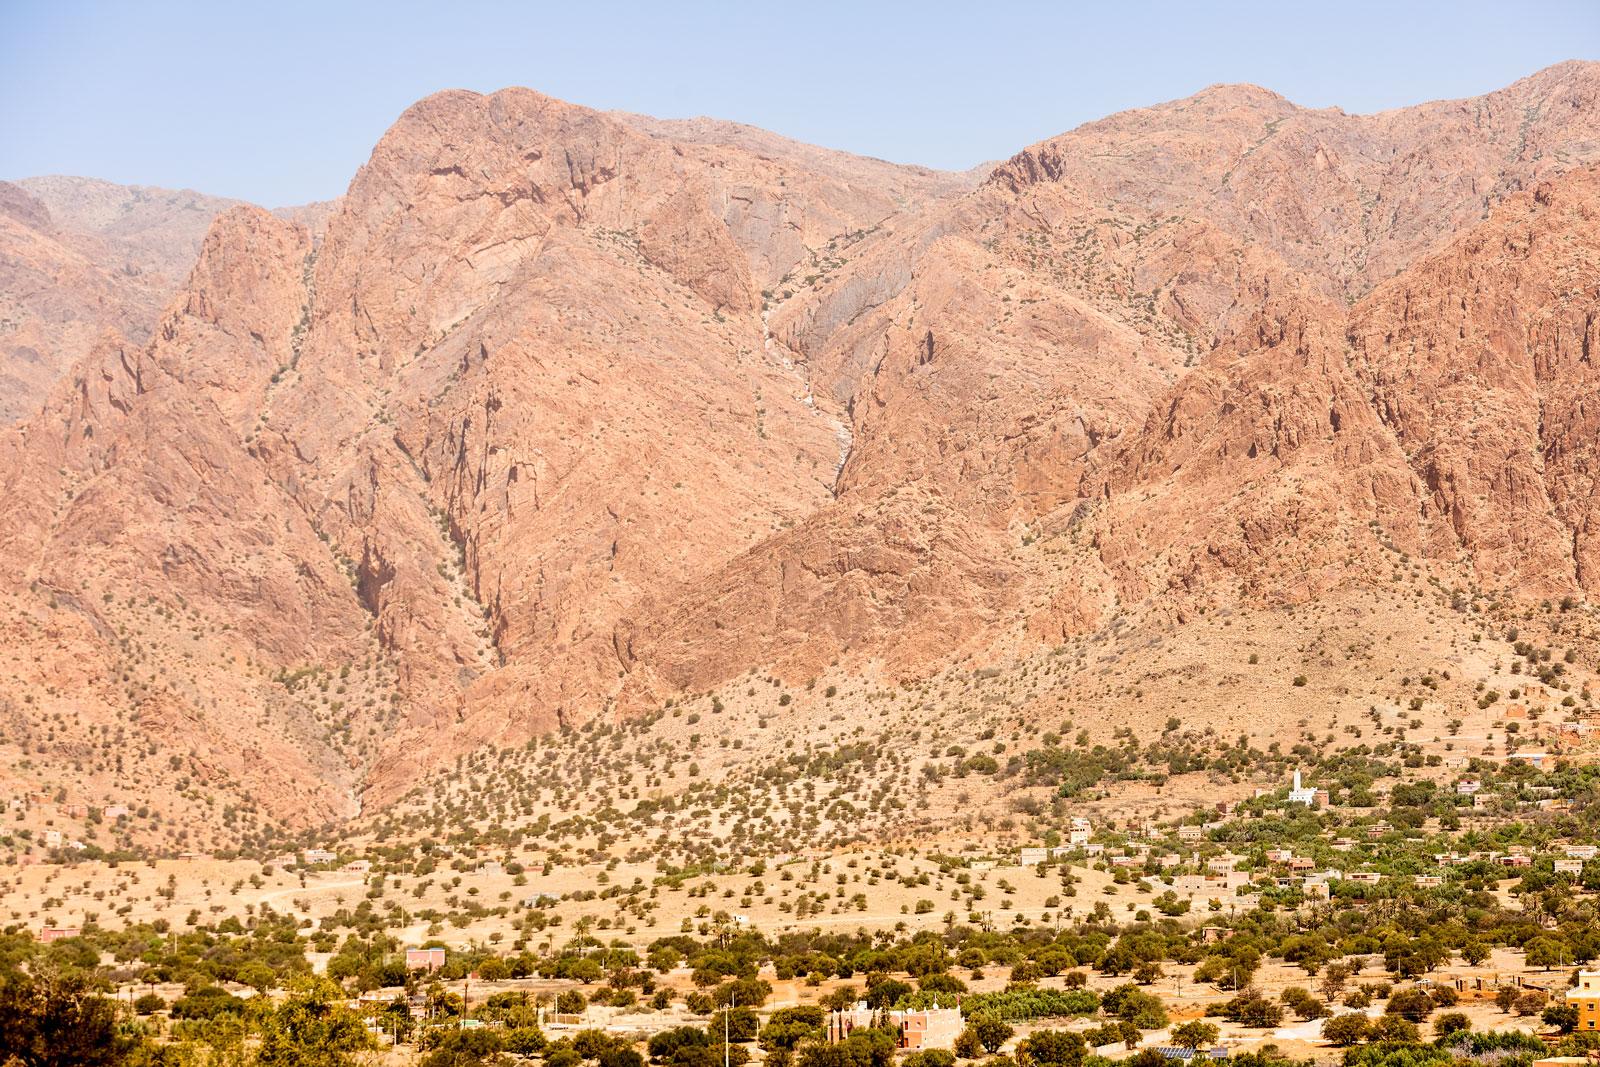 Bild einer Felsenlandschaft bei Tafraoute, bei der ein Löwenkopf sichtbar wird